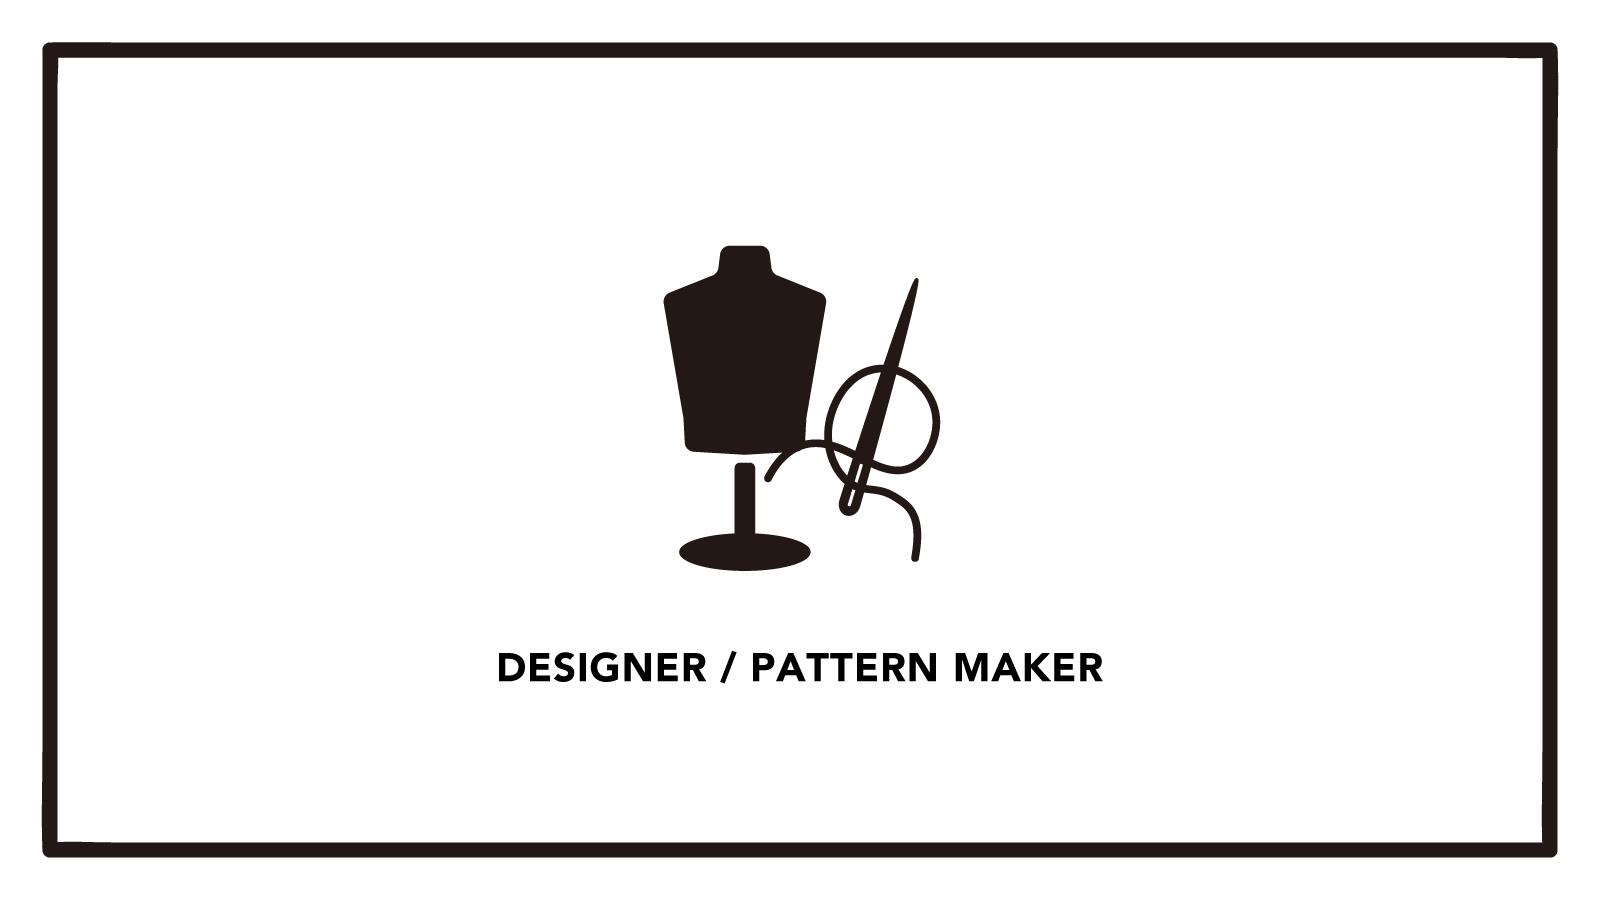 【デザイナー業務】急成長中のアパレルメーカー!シンプルで洗練された服が魅力のカバー写真